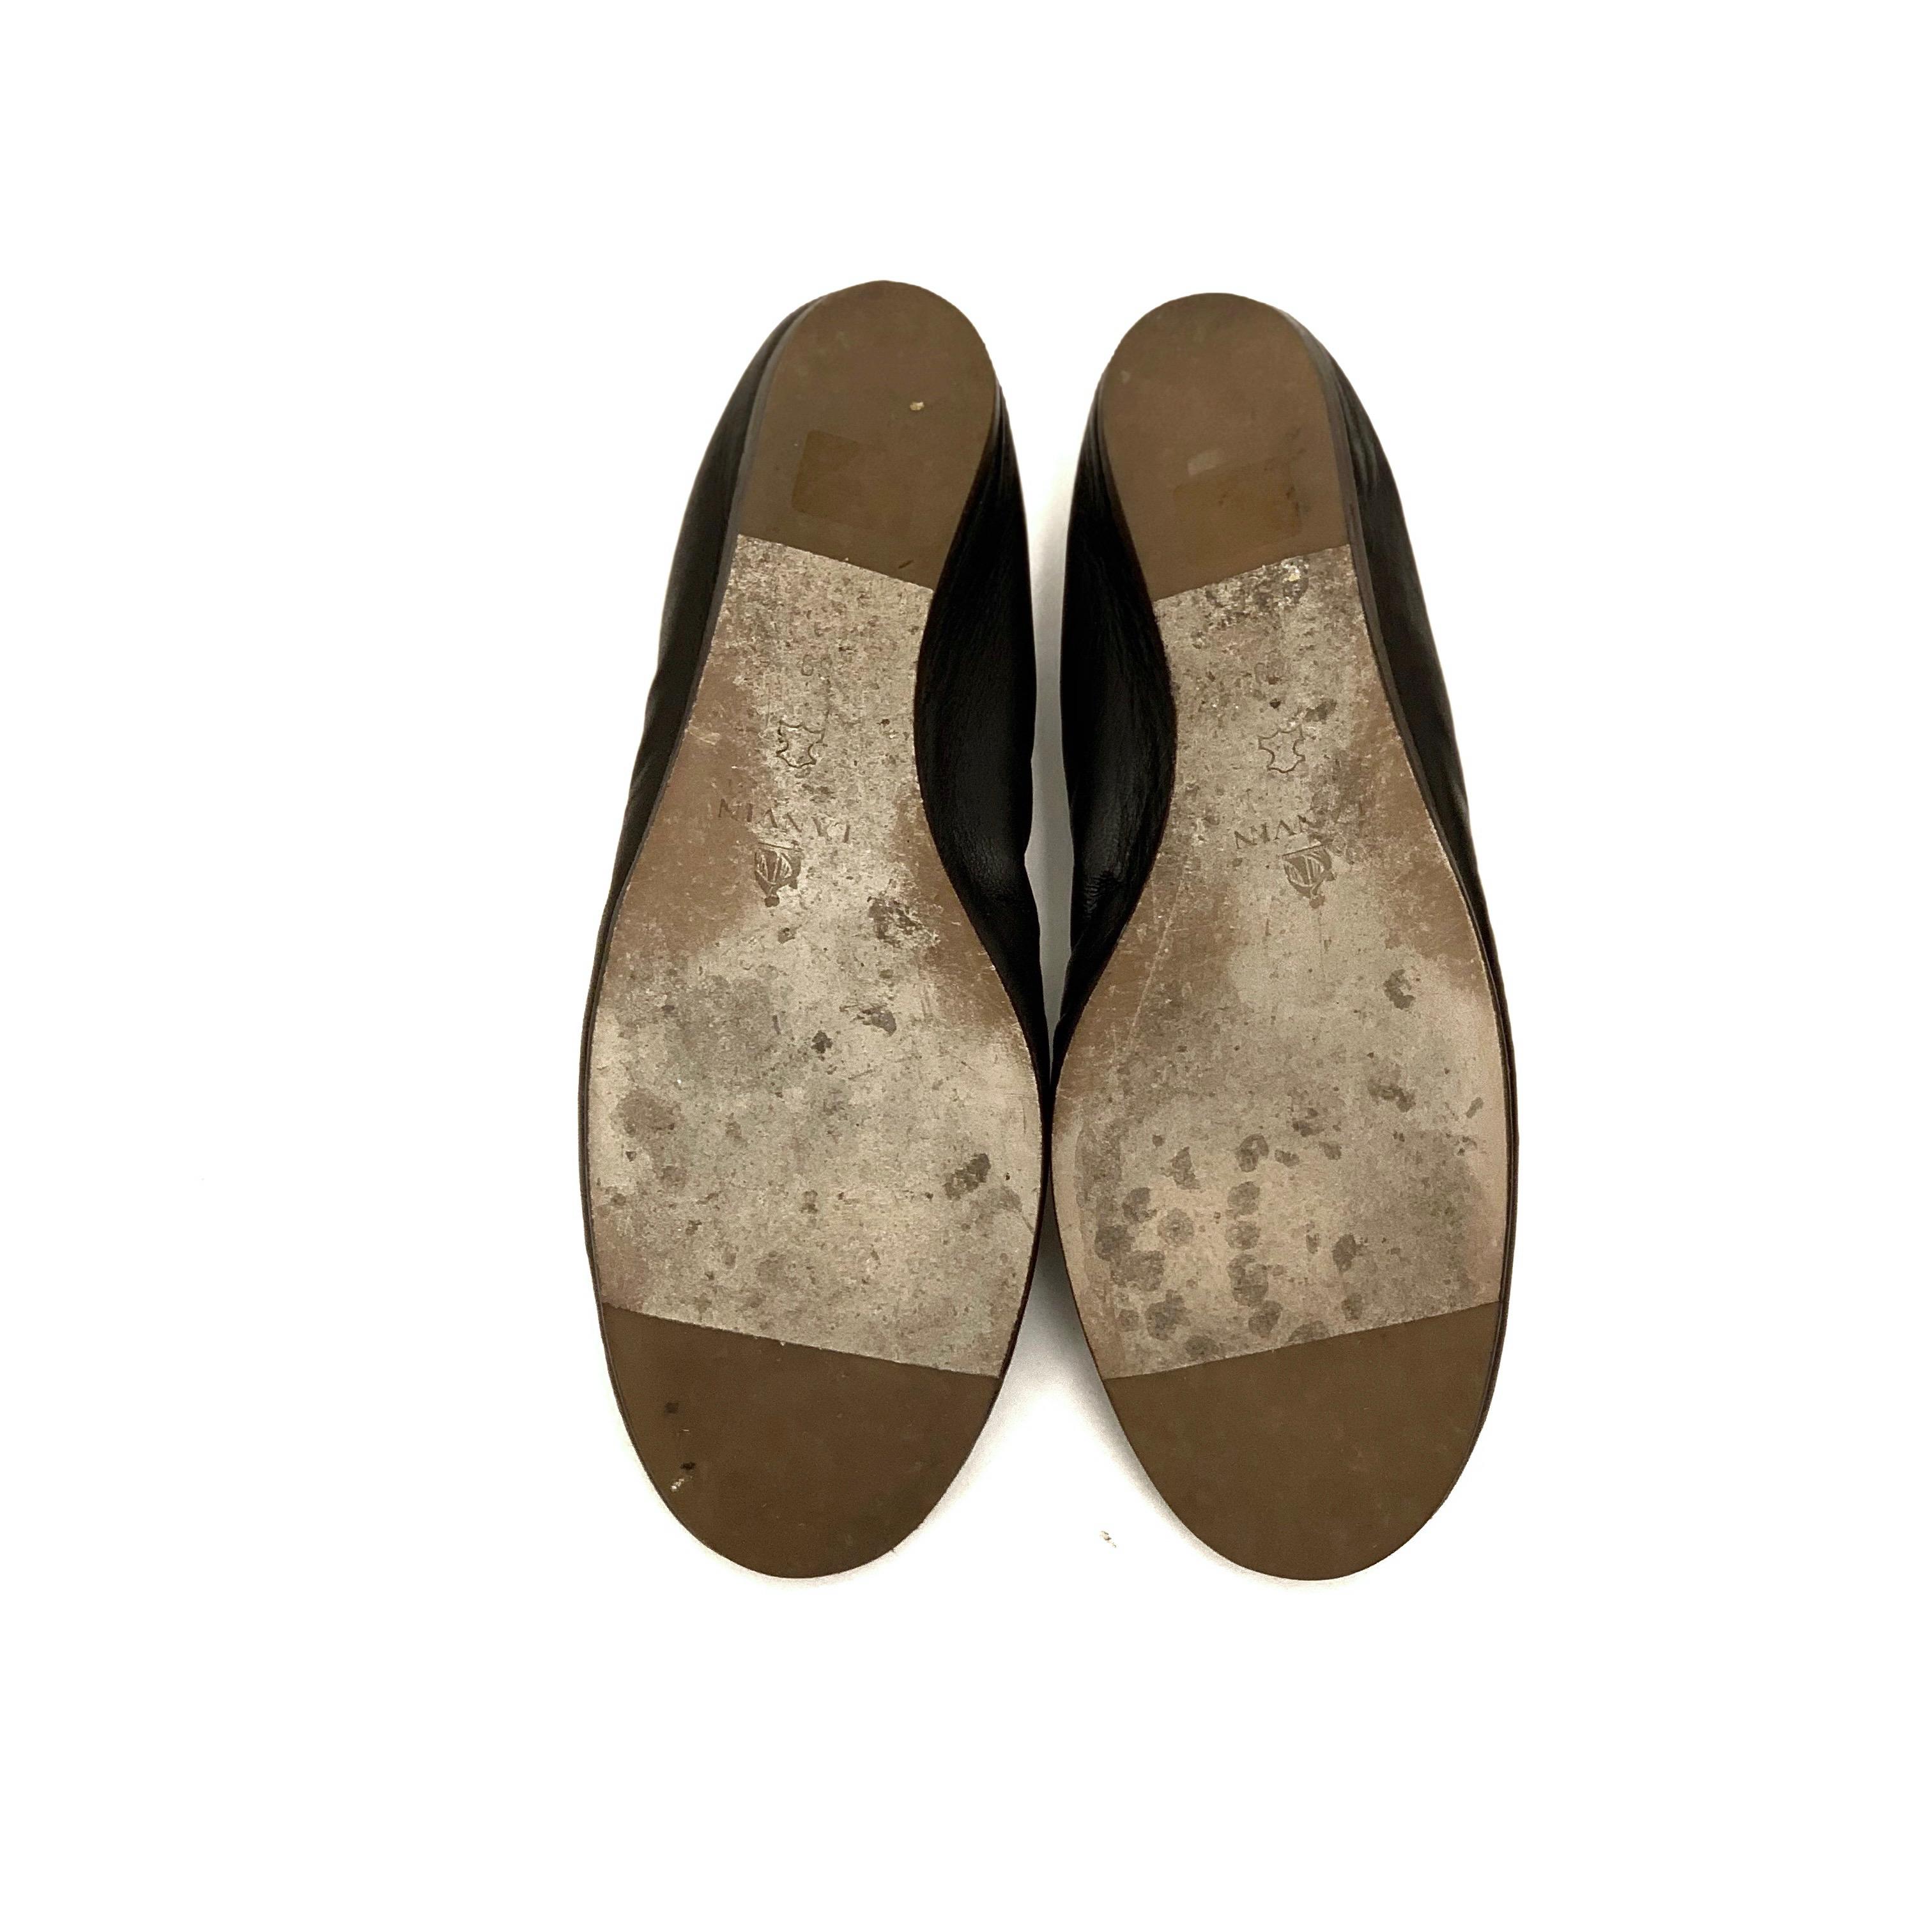 Lanvin ballerina skor 39 SV5026